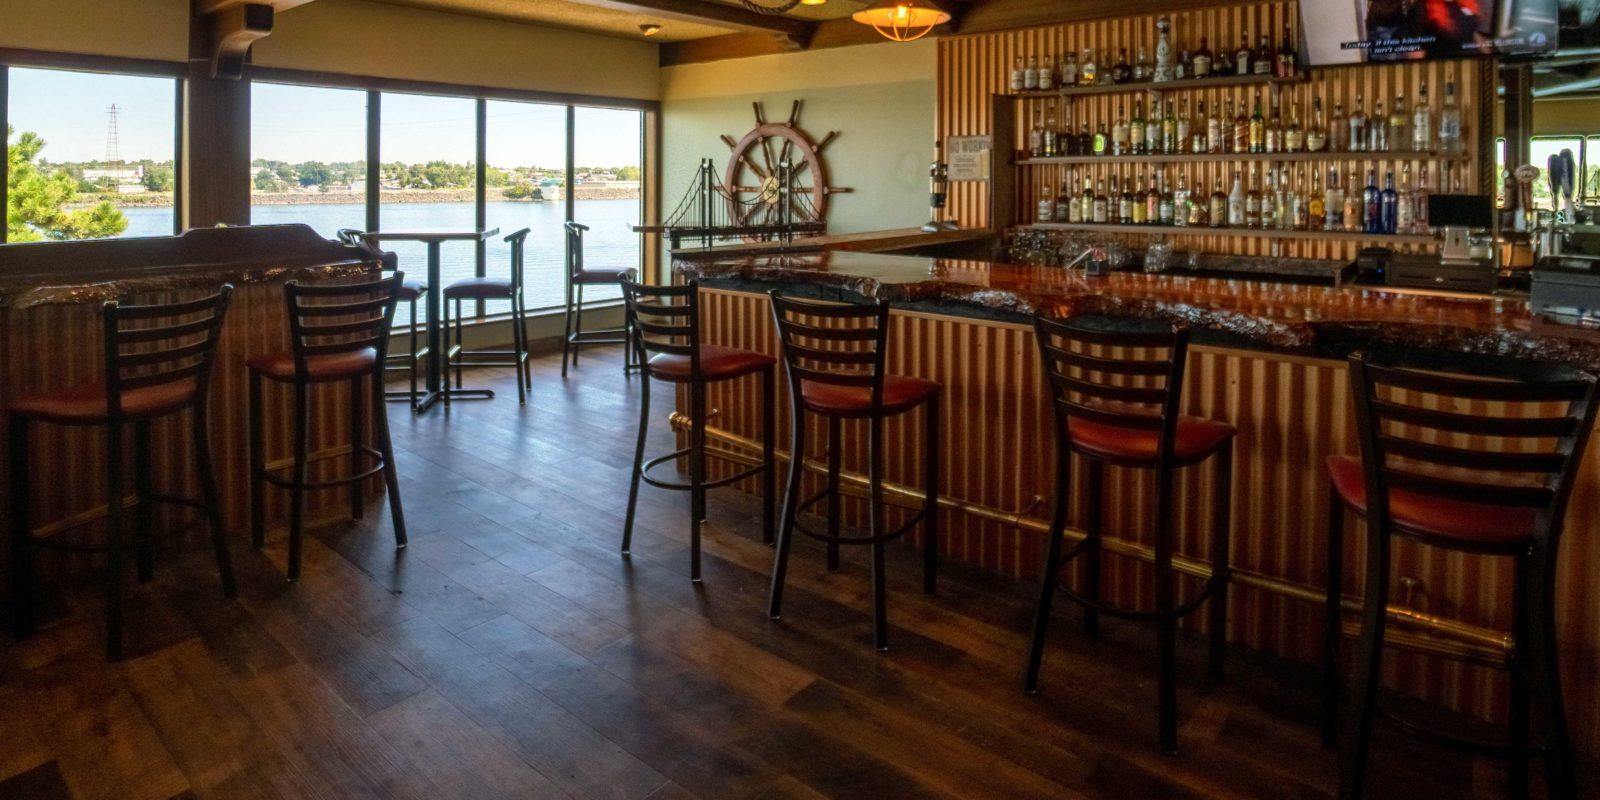 The bar area in Crow's Nest Bar & Grill at Clover Island Inn.